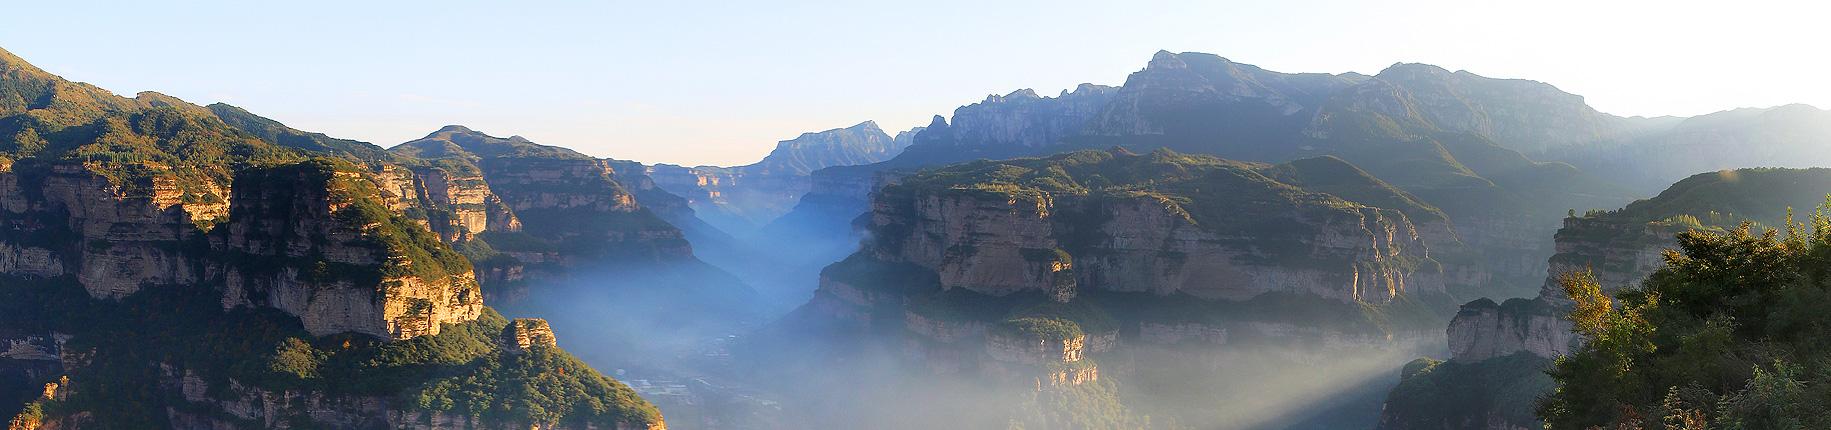 王相岩 -河南太行大峡谷,太行大峡谷,林州大峡谷,太行